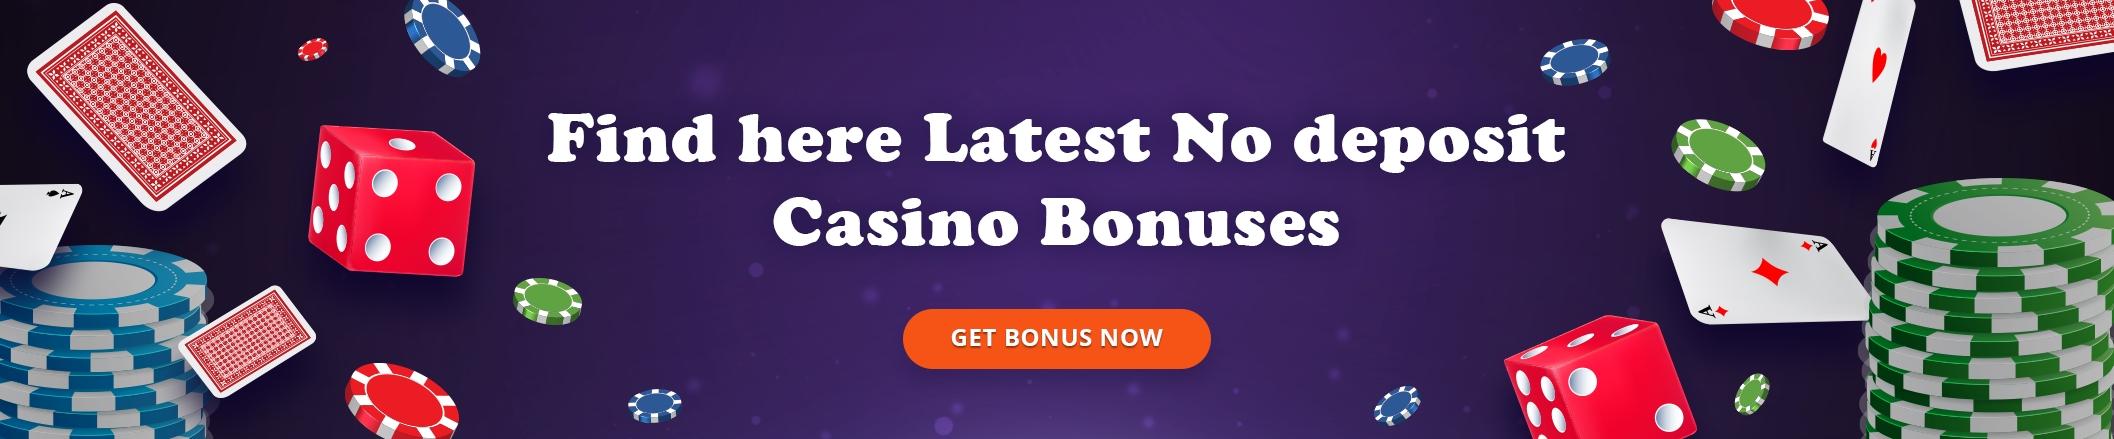 70 Loyal Free Spins! at Slots Capital